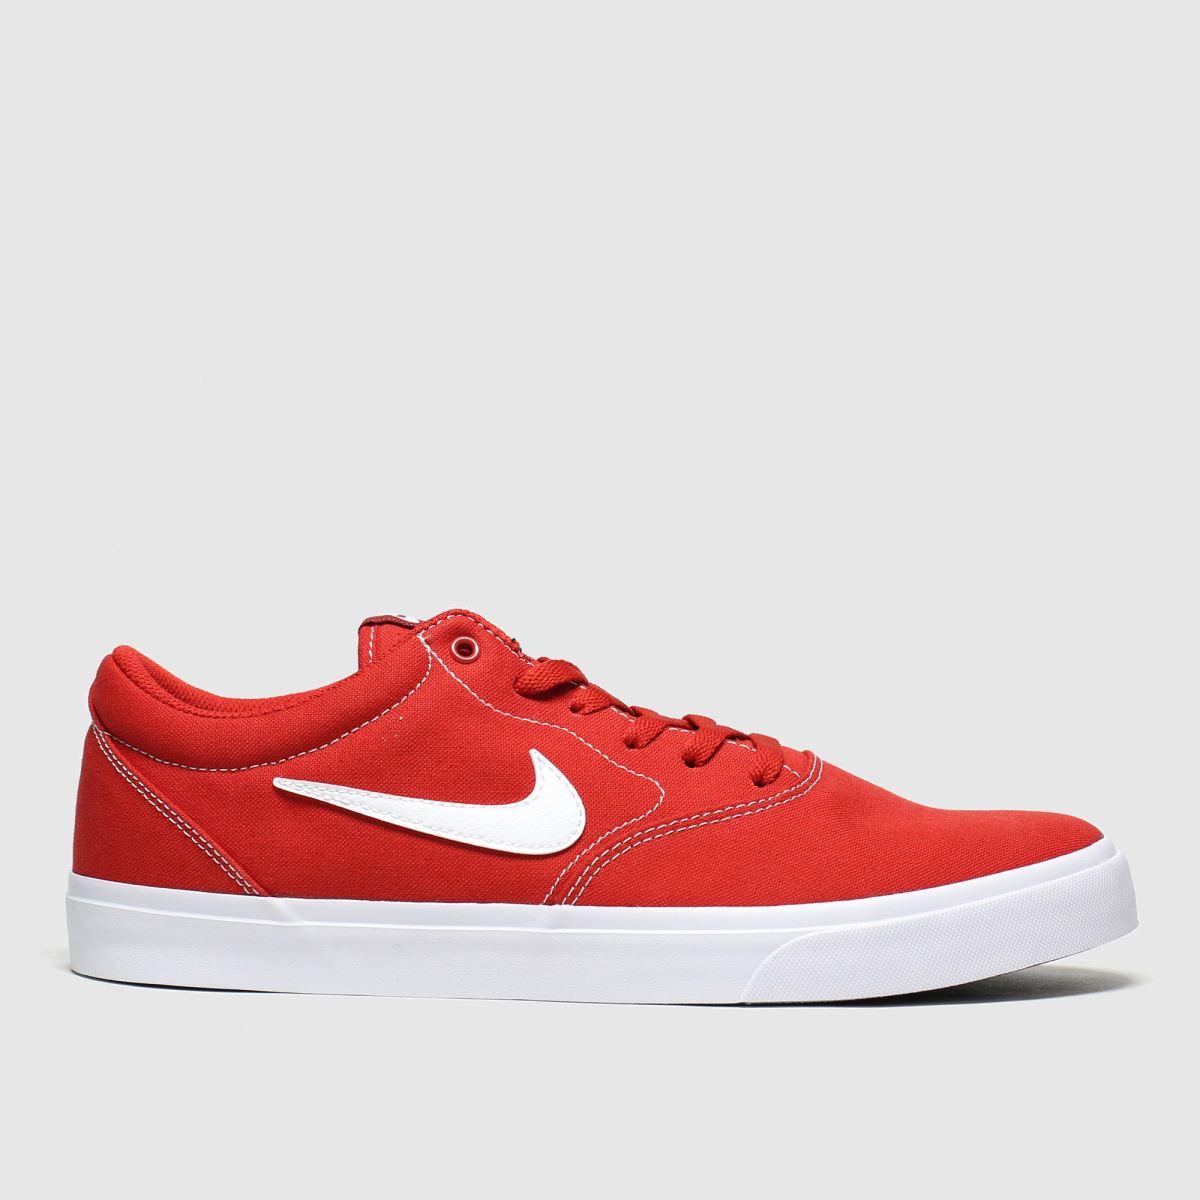 Nike SB Nike Sb Red Charge Trainers